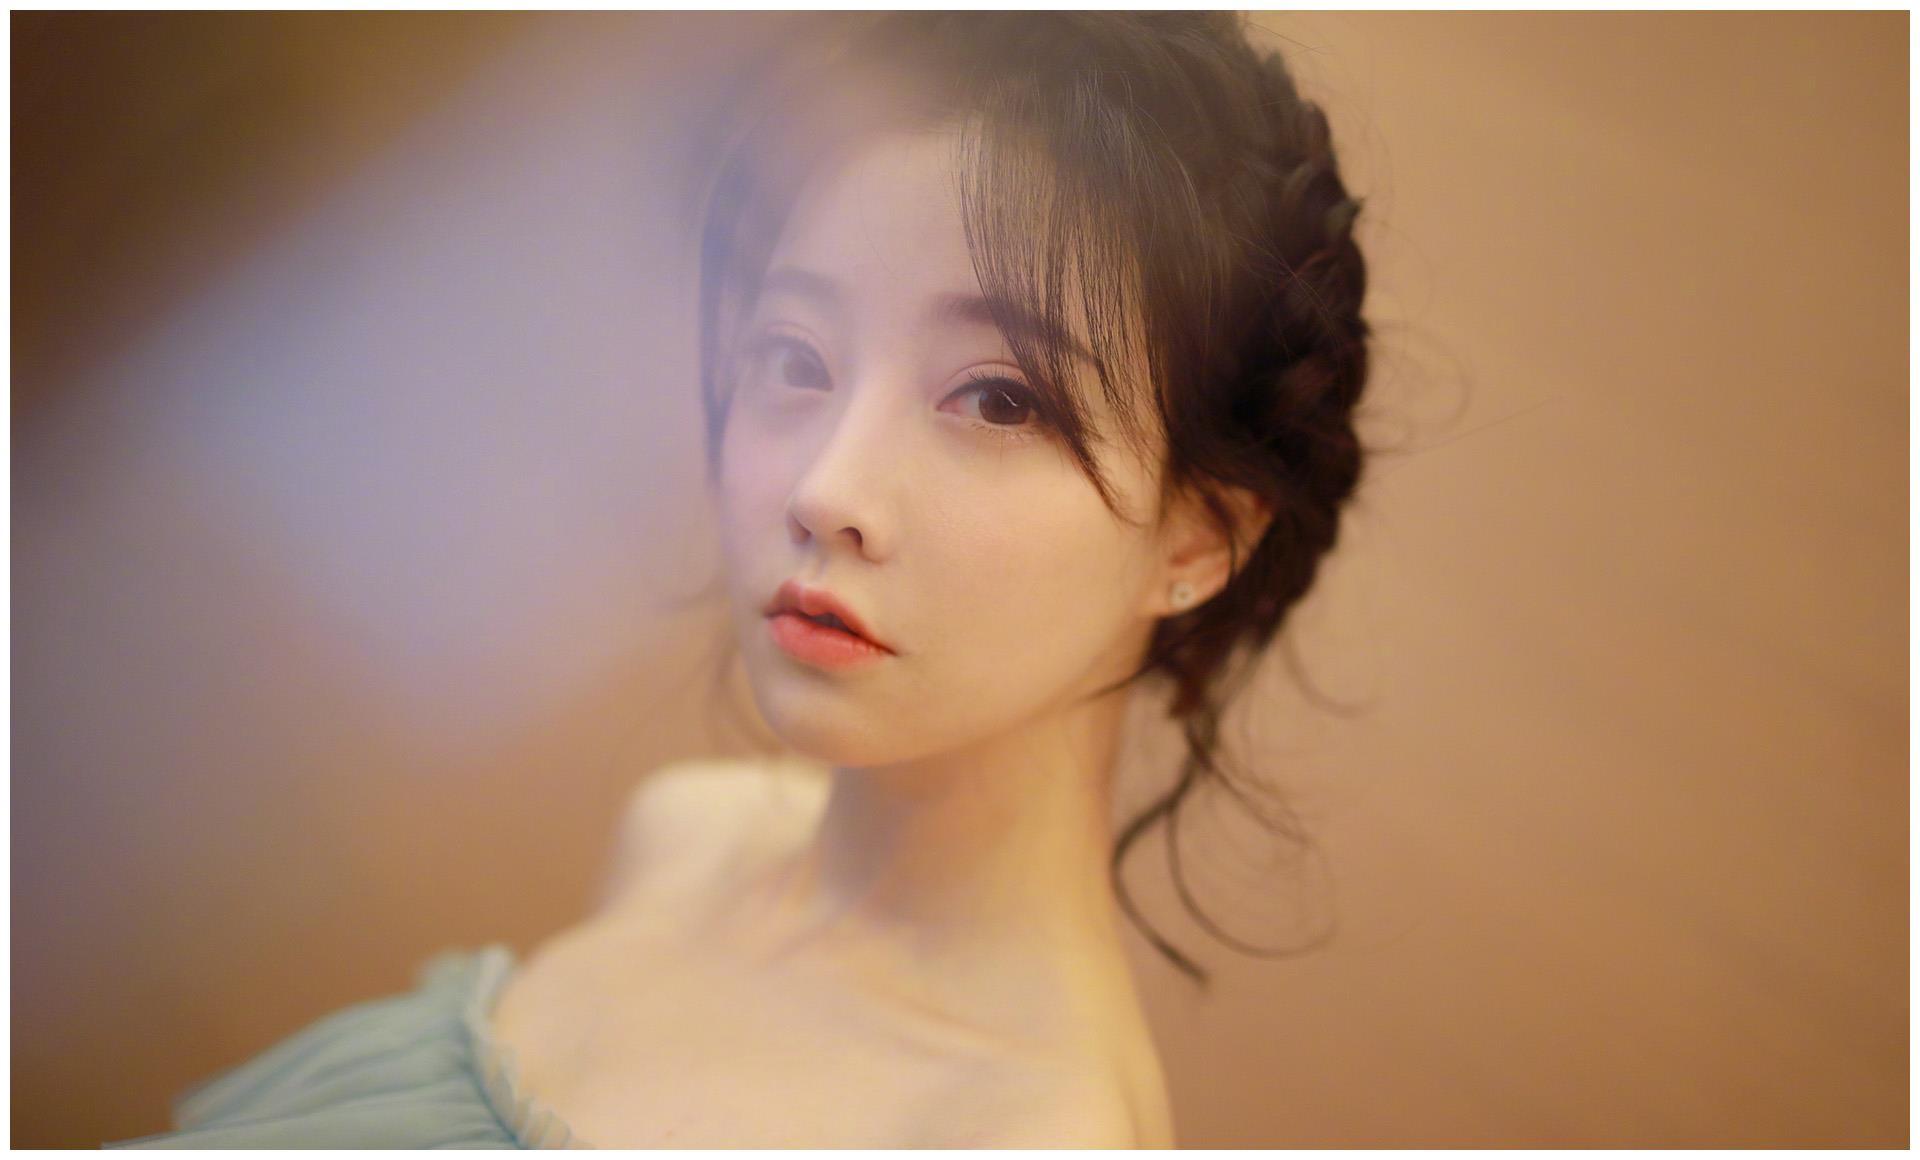 冯提莫高中艺考照片被曝光,脱离妆容跟美颜,状态过于真实!